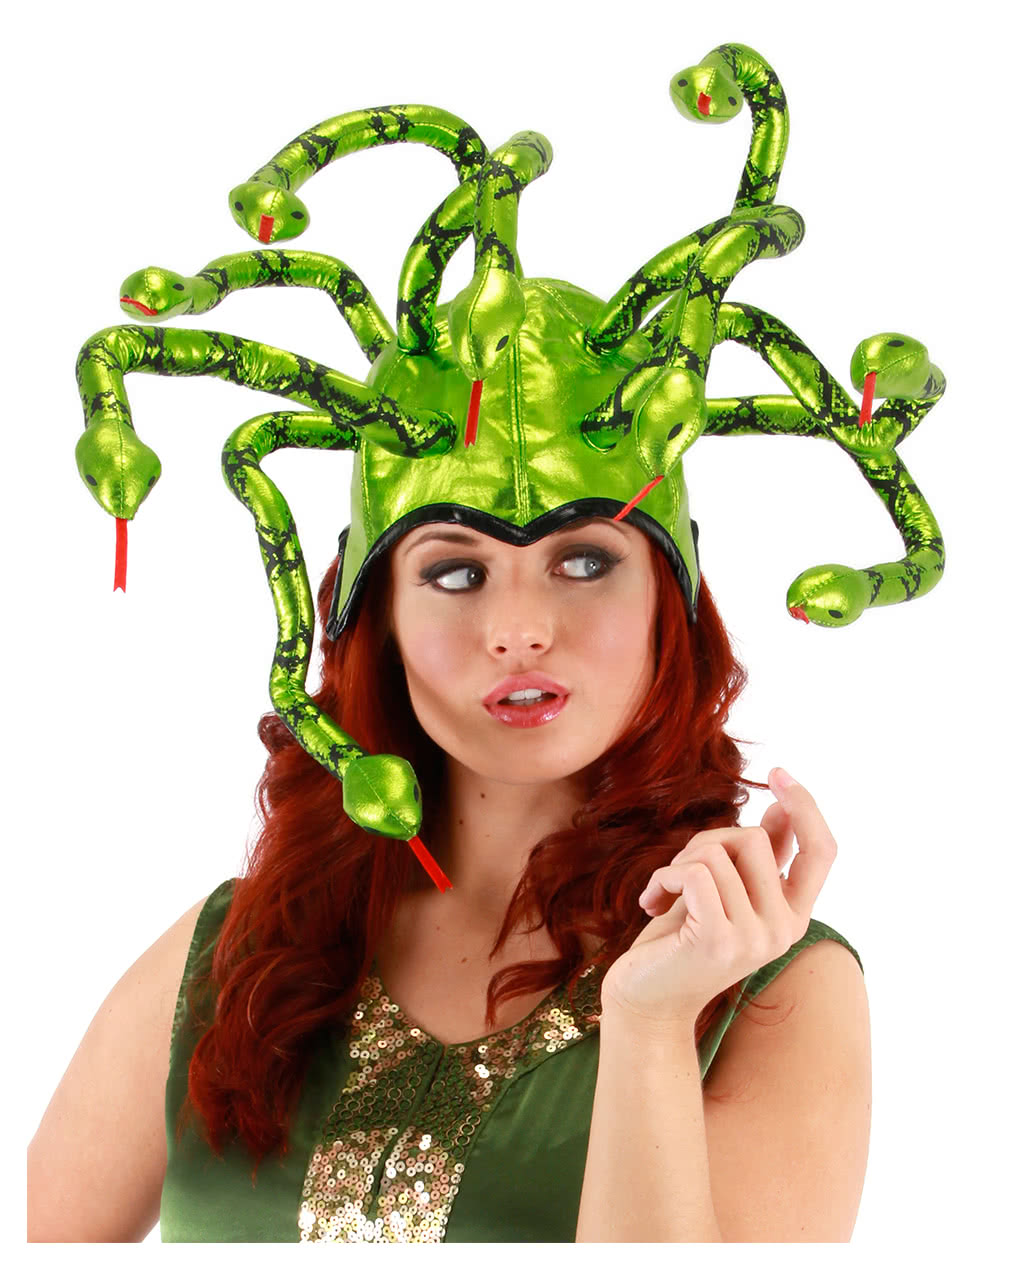 schlangenhut medusa kopfbedeckung f r fasching karneval universe. Black Bedroom Furniture Sets. Home Design Ideas